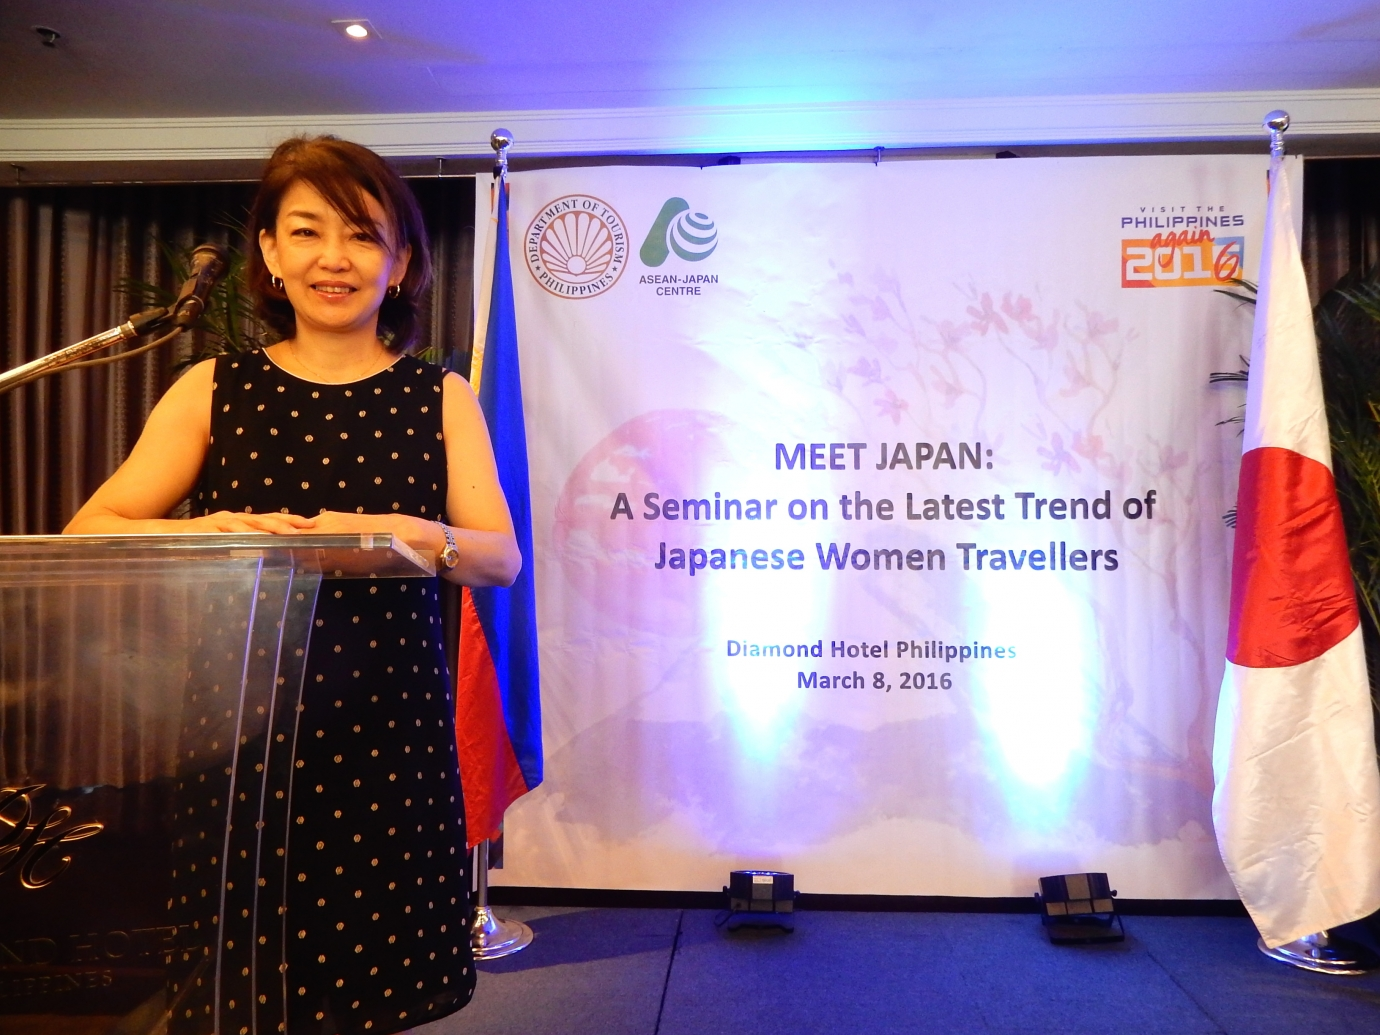 フィリピンの旅行会社対象の女子旅セミナーの講師をした時の様子